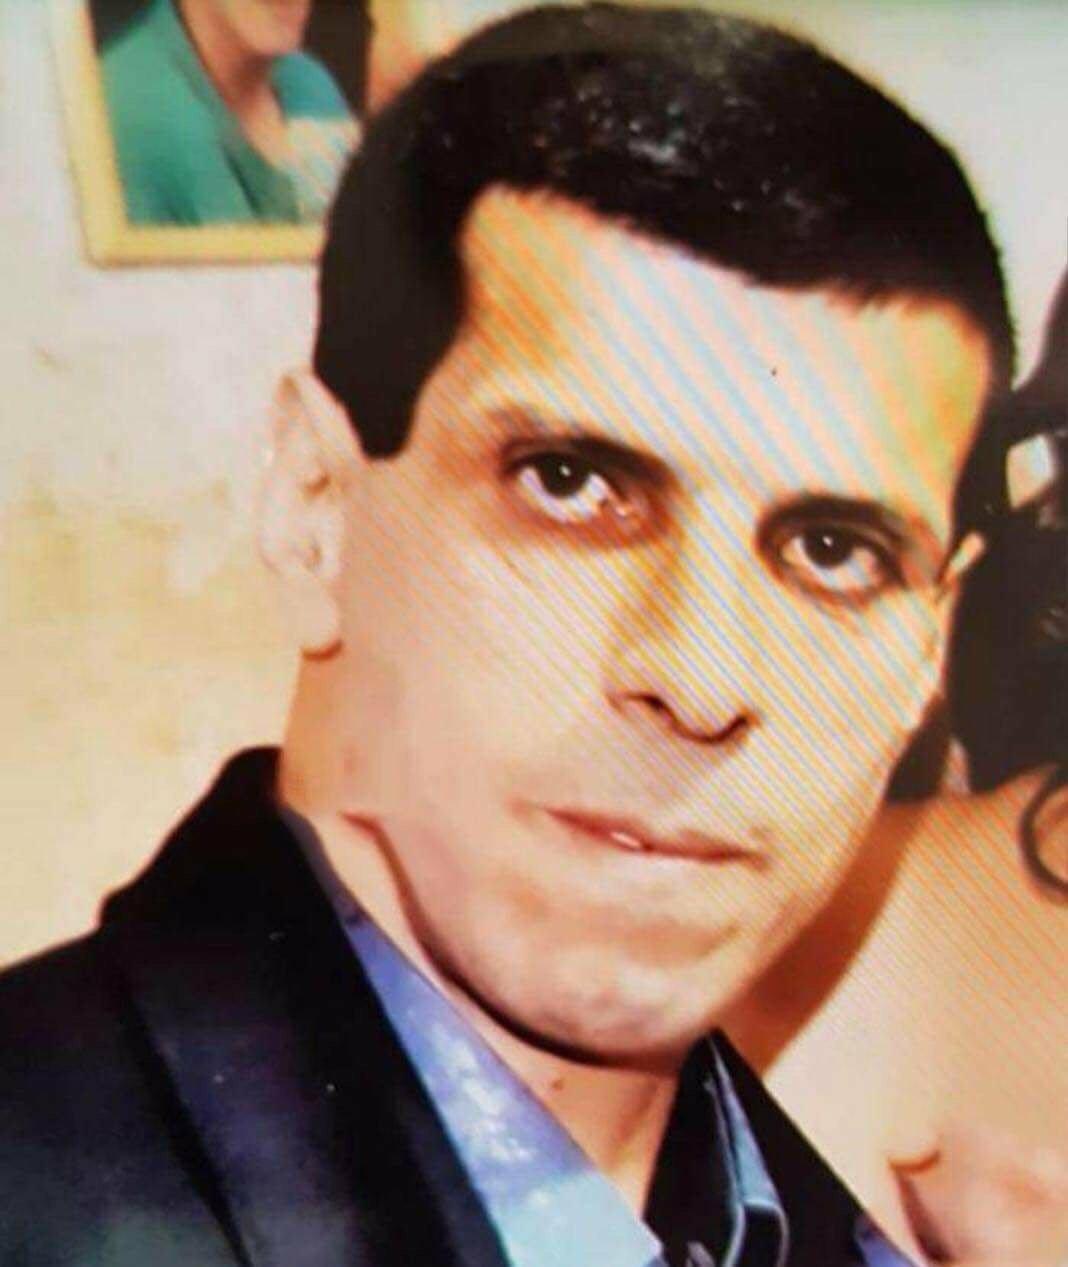 ام الفحم تشيّع ابنها خالد جبارين لمثواه الاخير